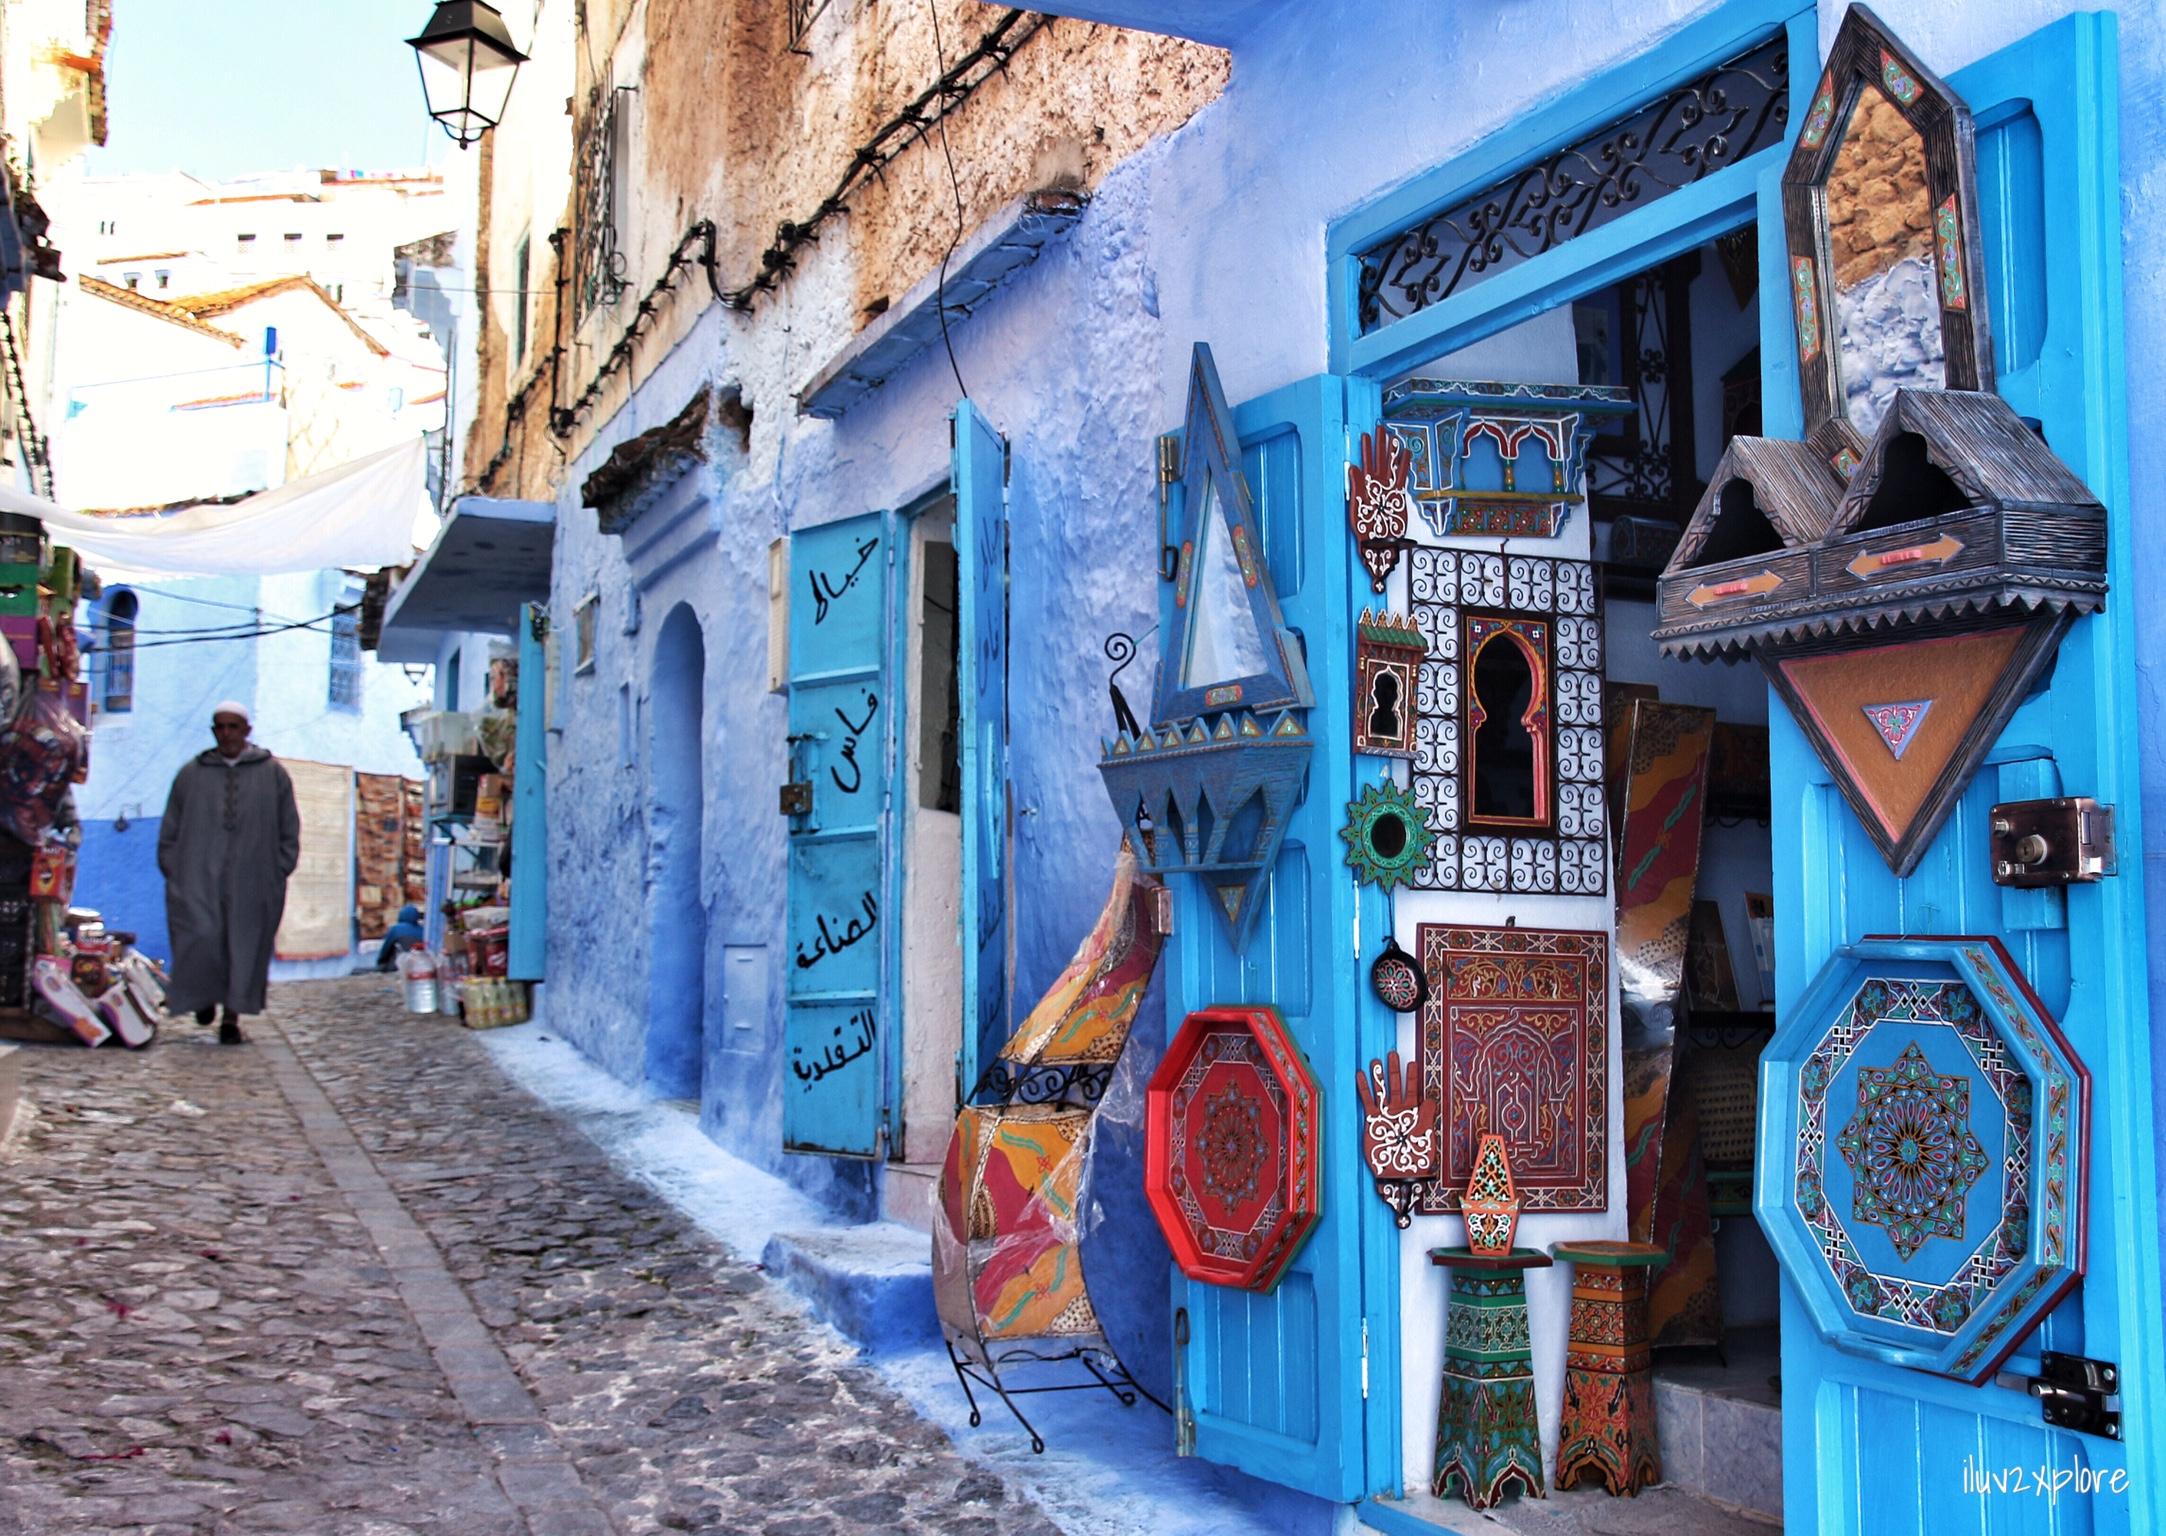 Картинки марокко улицы, рыцарь принцесса открытки